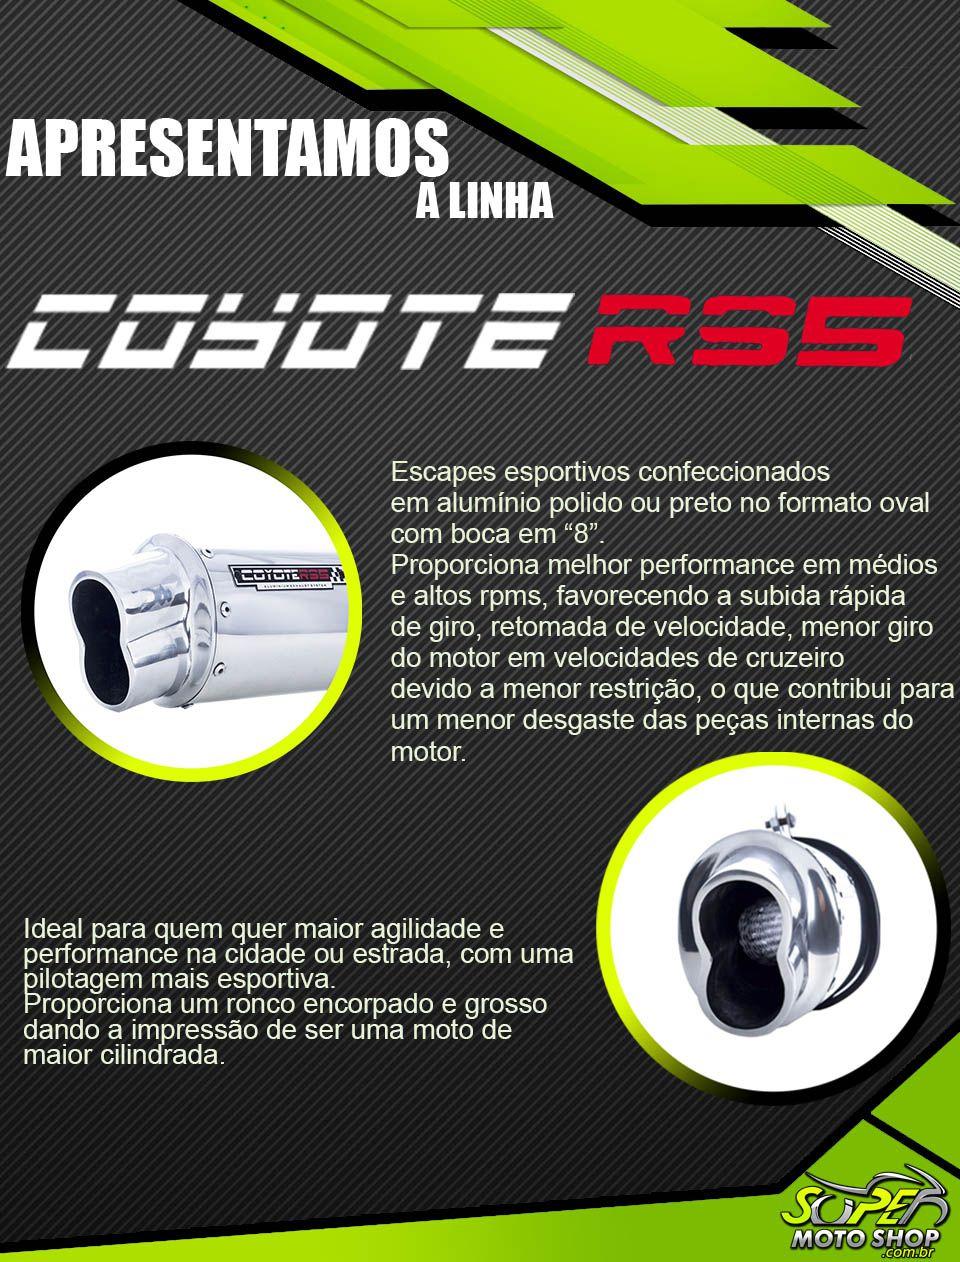 Escape / Ponteira Coyote RS5 Boca 8 Aluminio Oval - XRE 300 - Honda - Dourado